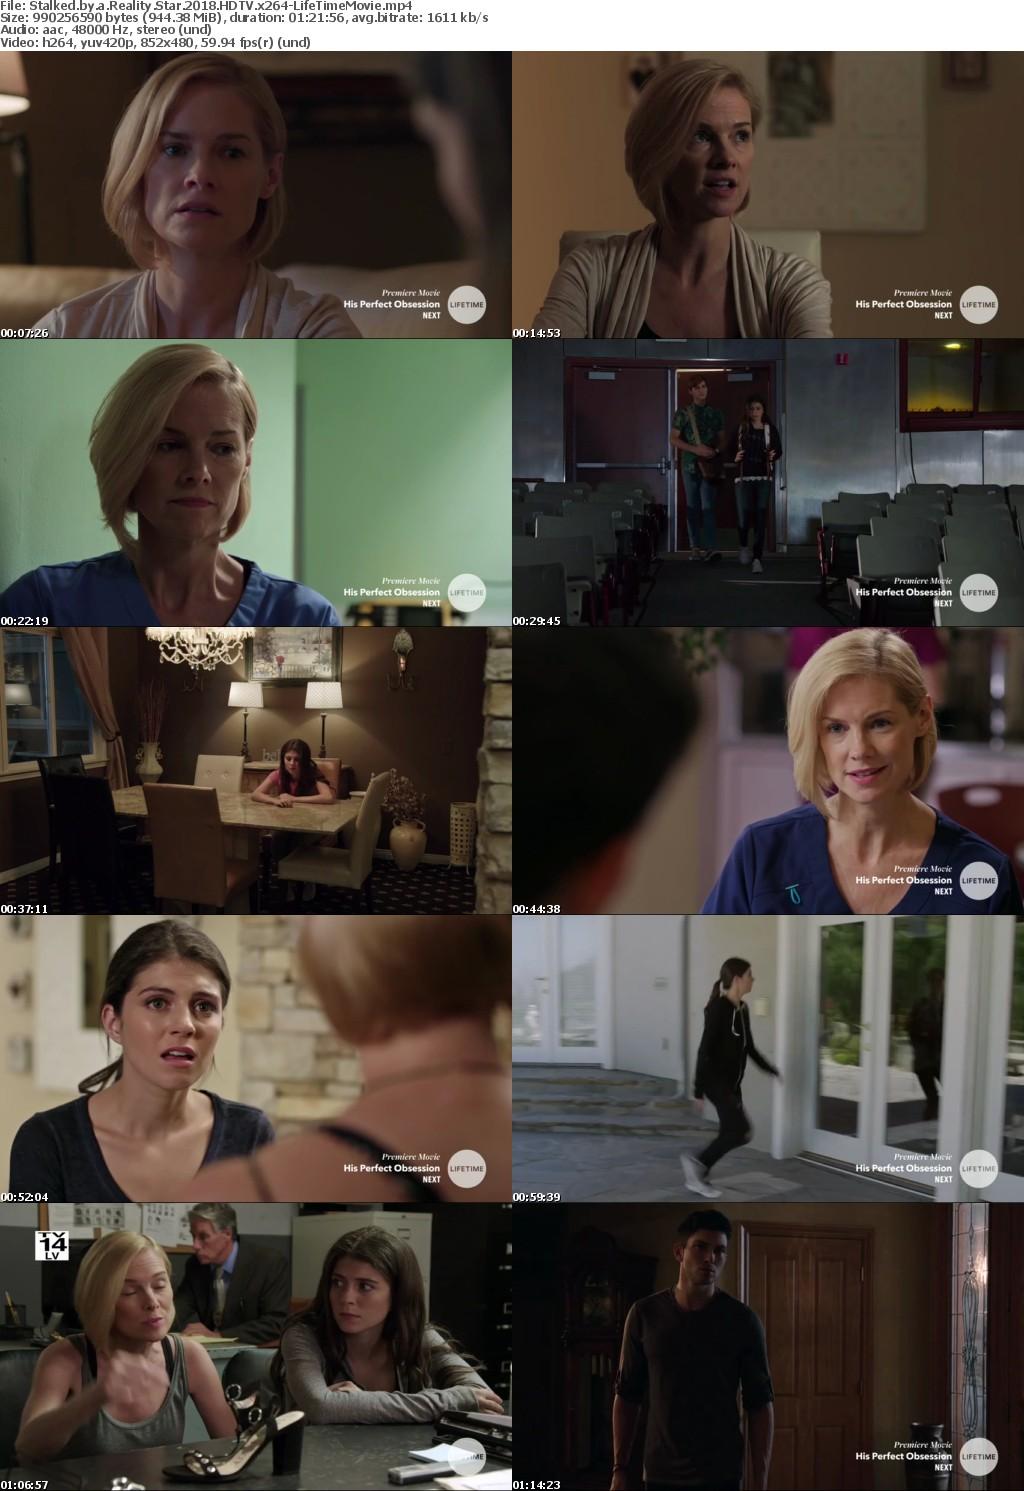 Stalked by a Reality Star (2018) HDTV x264-LifeTimeMovie